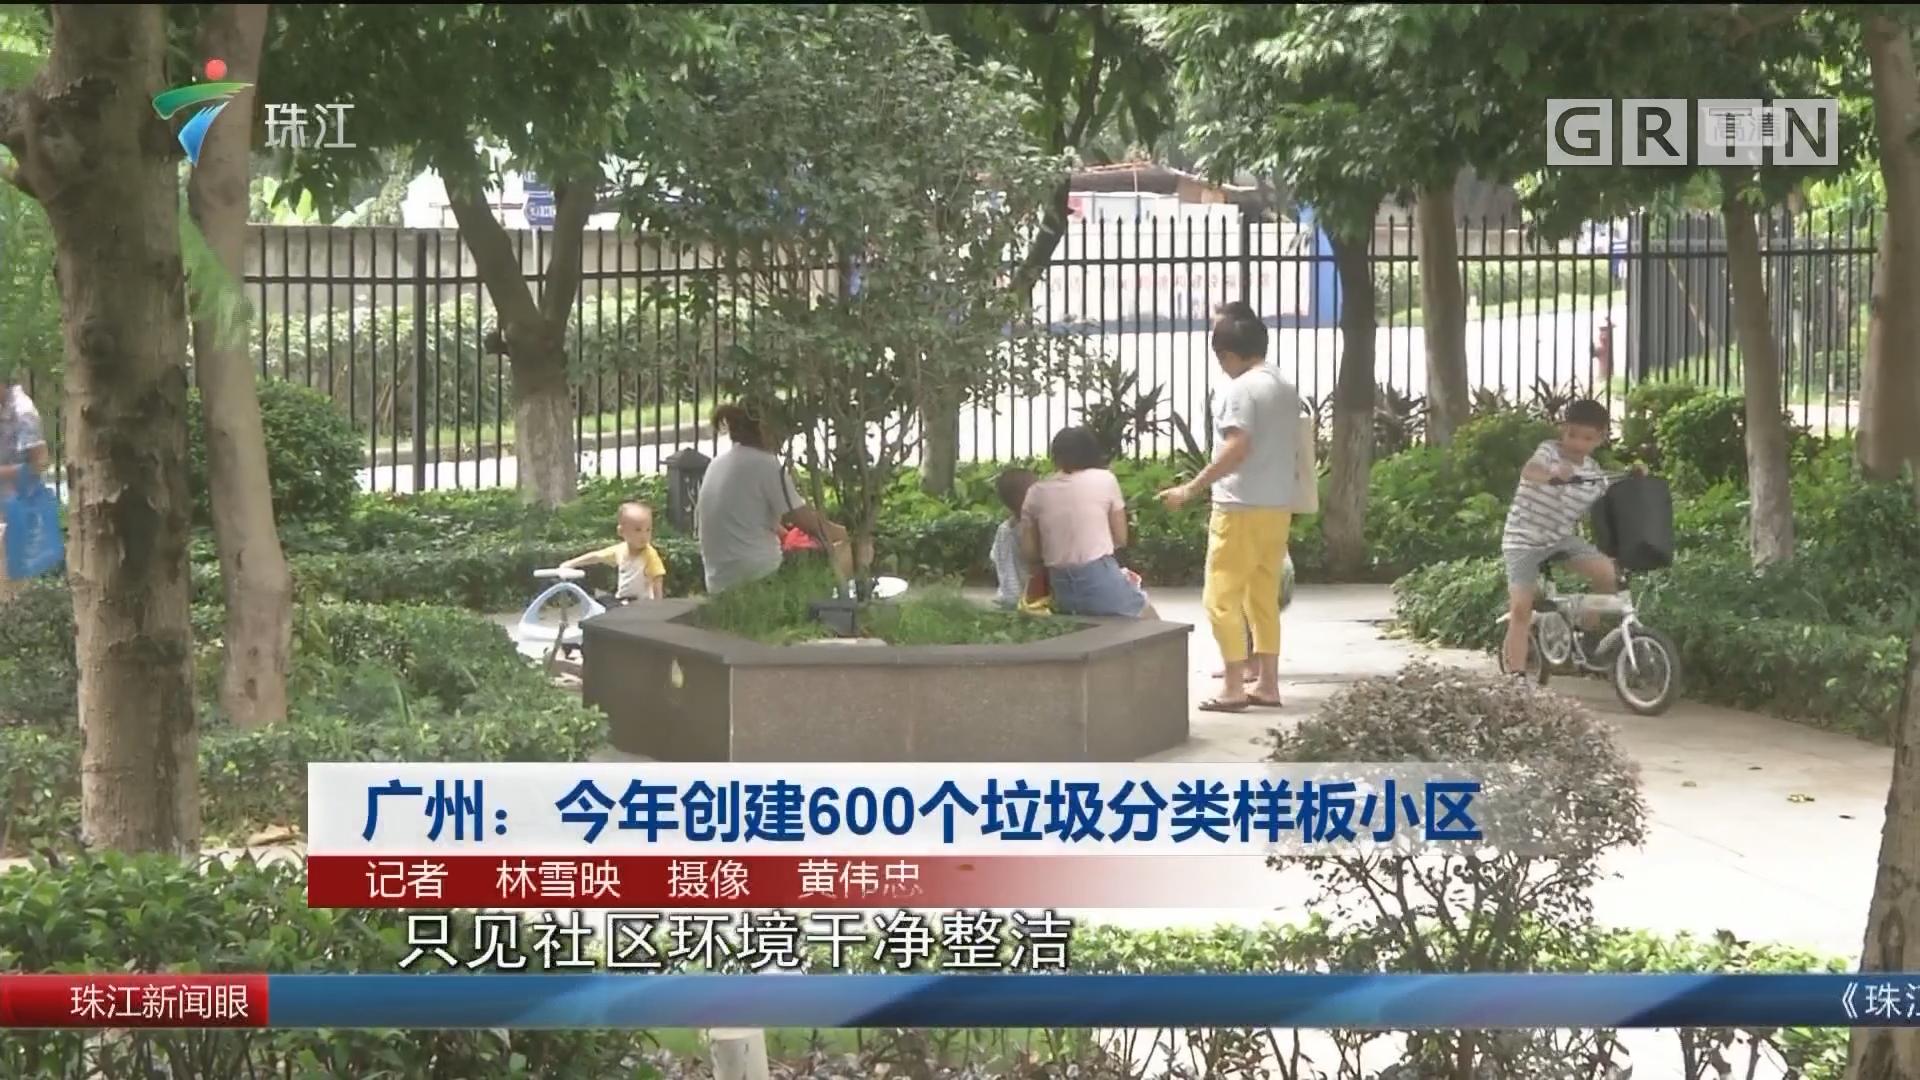 广州:今年创建600个垃圾分类样板小区